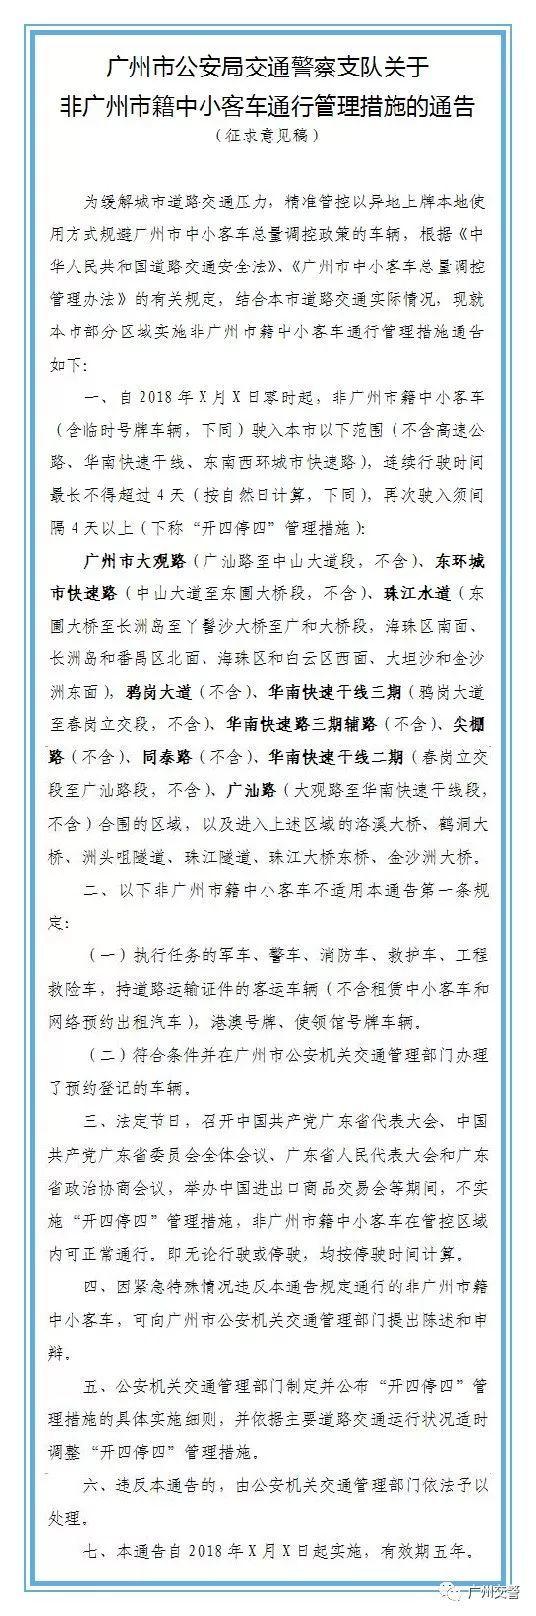 非本地车开四停四 广州限牌新政征求意见